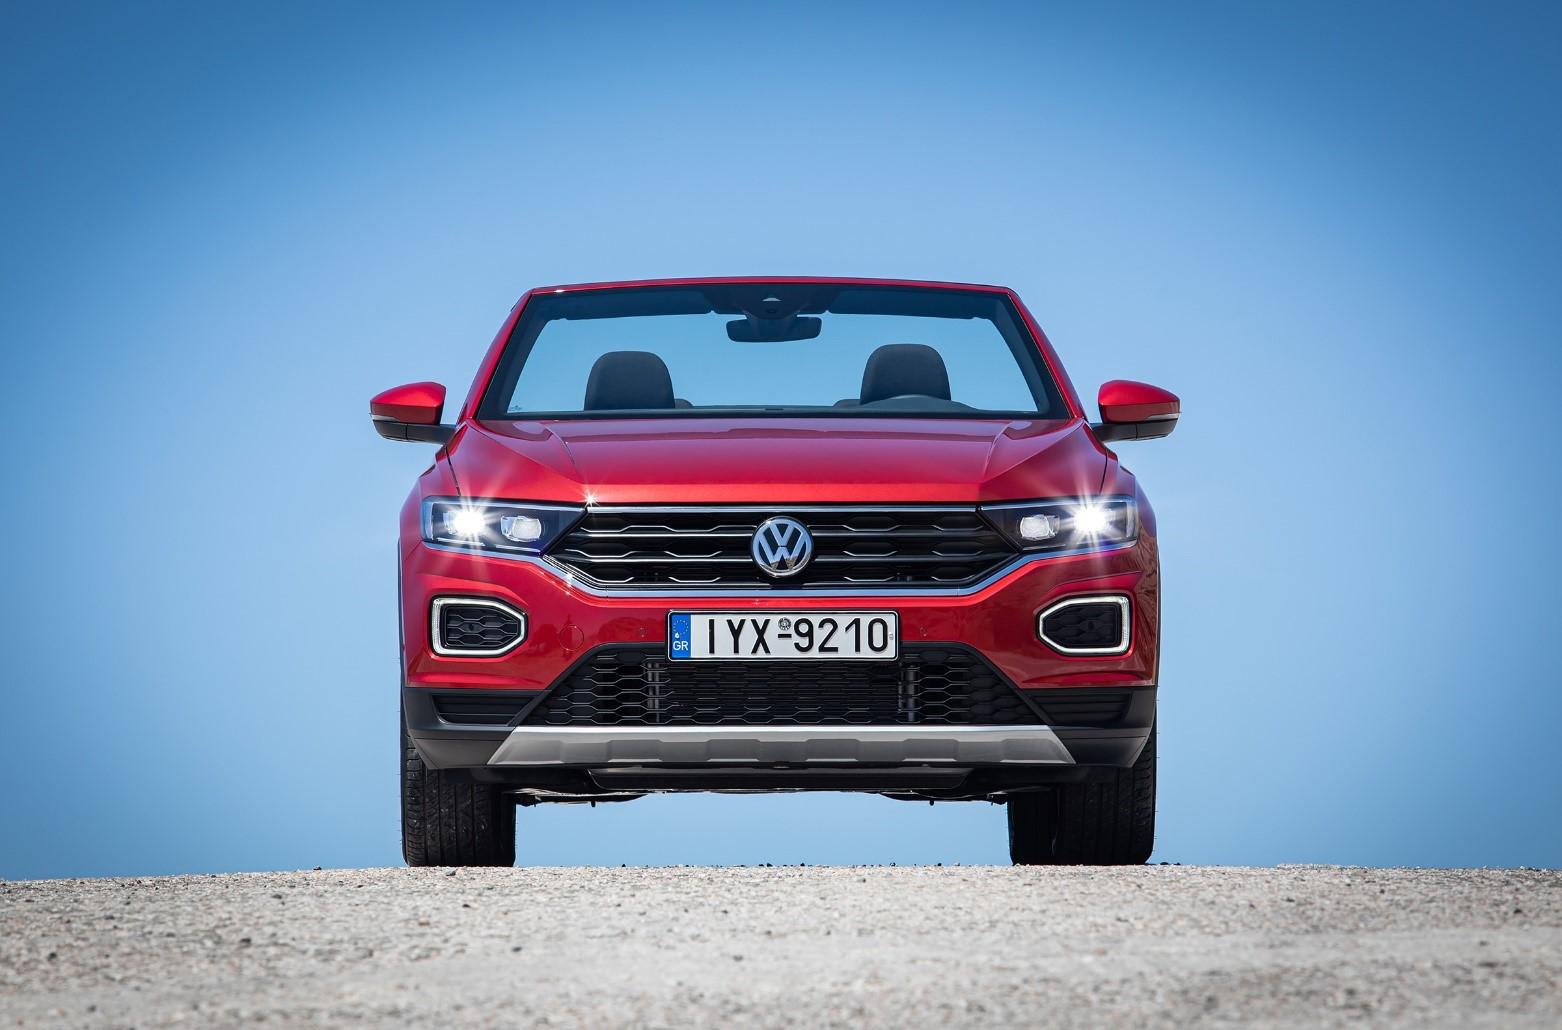 To νέο Volkswagen T-Roc Cabriolet - Εμπρός όψη